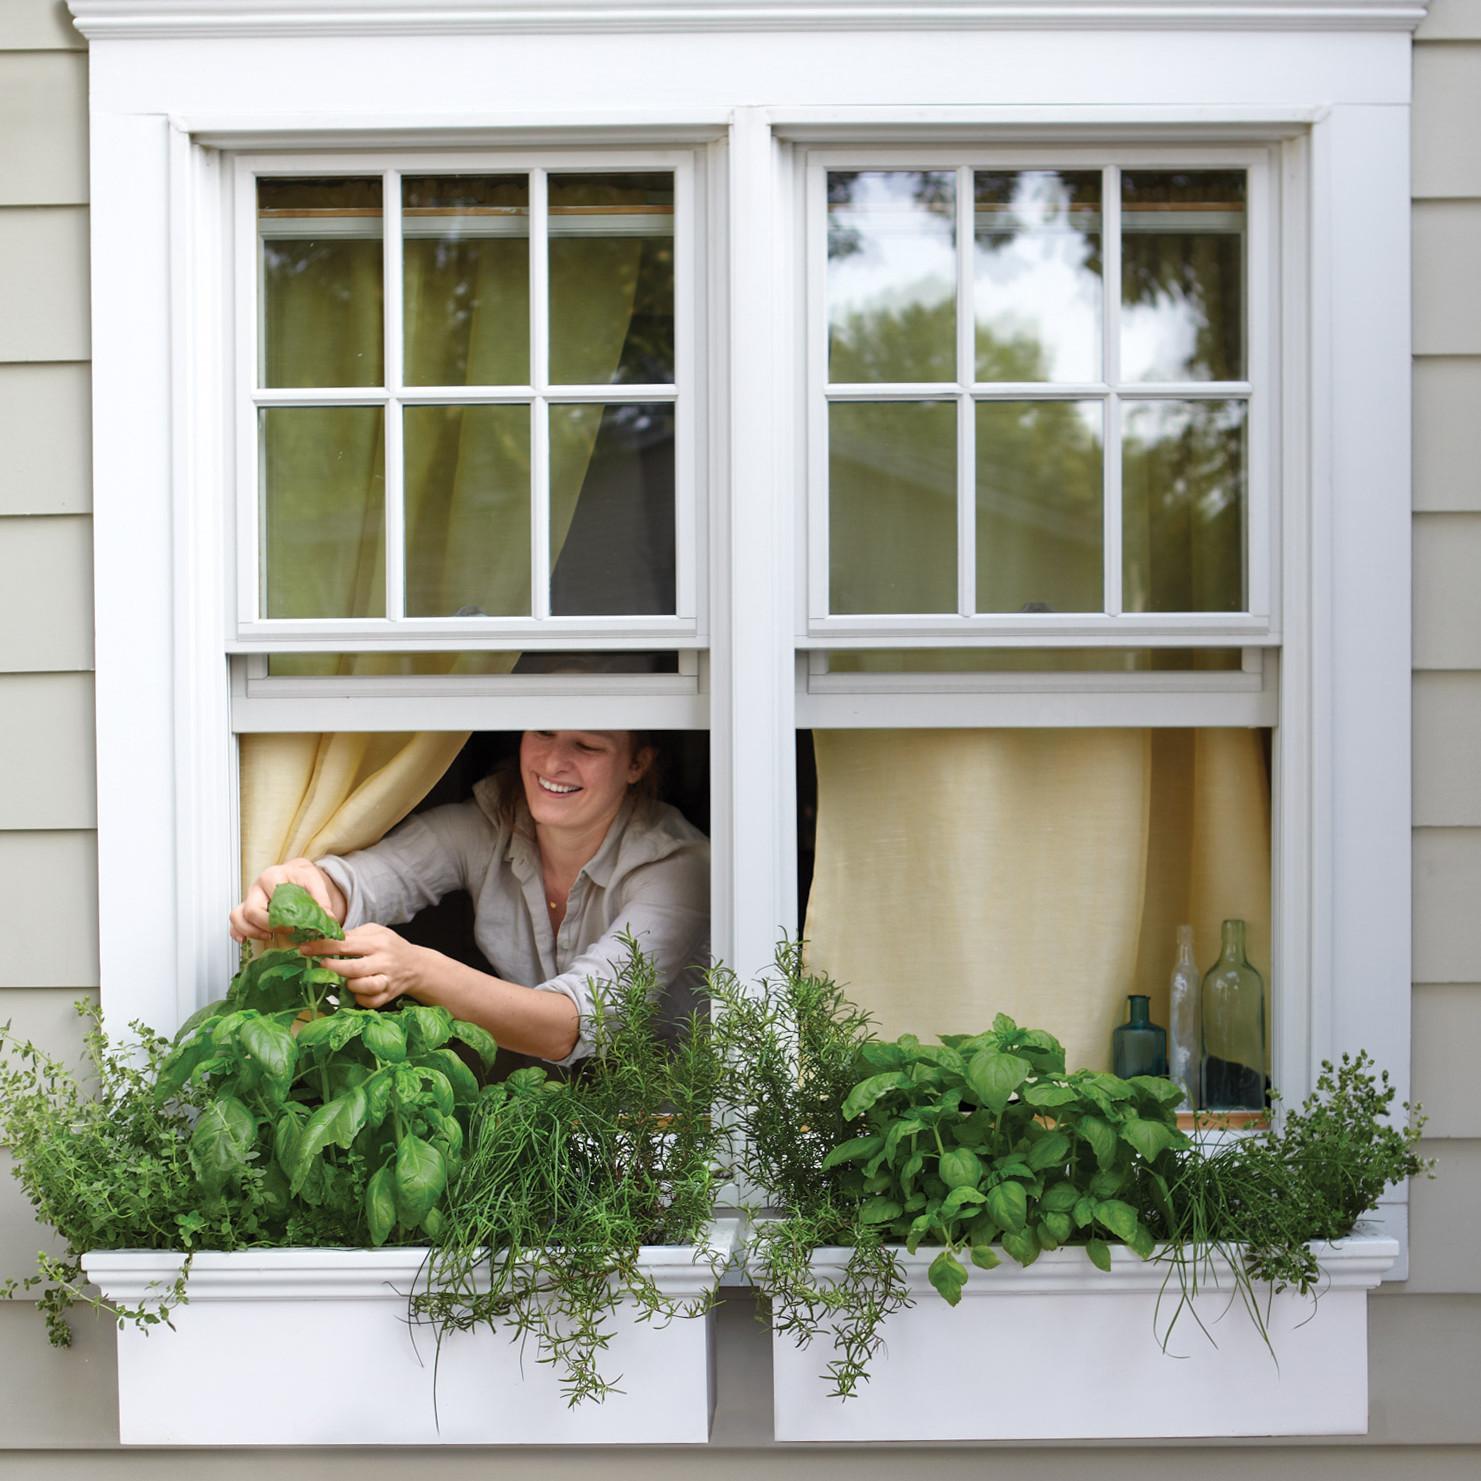 Small-Space Garden Ideas